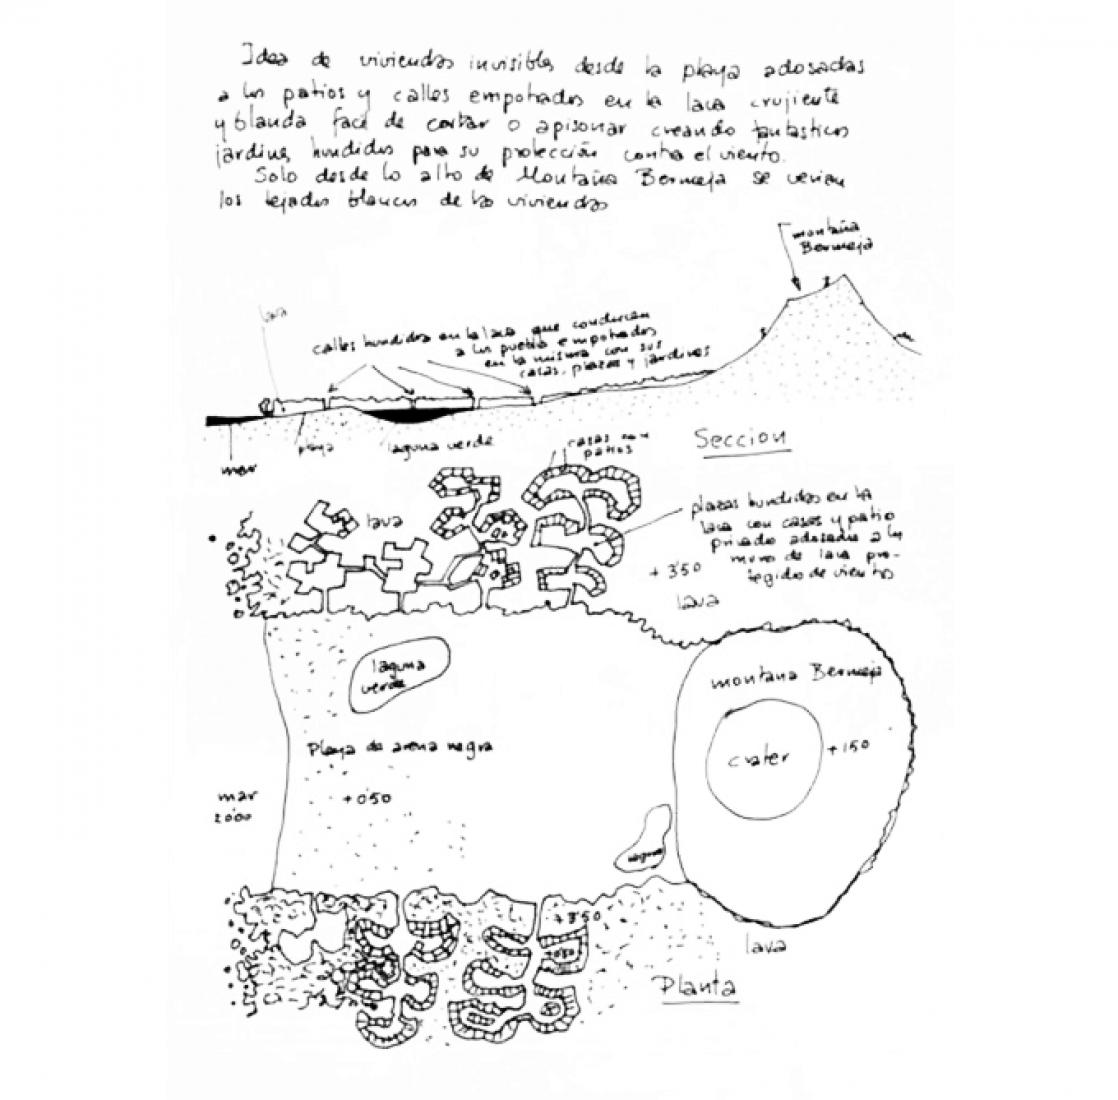 Scheme. Urbanization project of Montaña Bermeja by Fernando Higueras, 1963. Exhibition Fernando Higueras. Canarias and Las Salinas in CentroCentro Madrid.